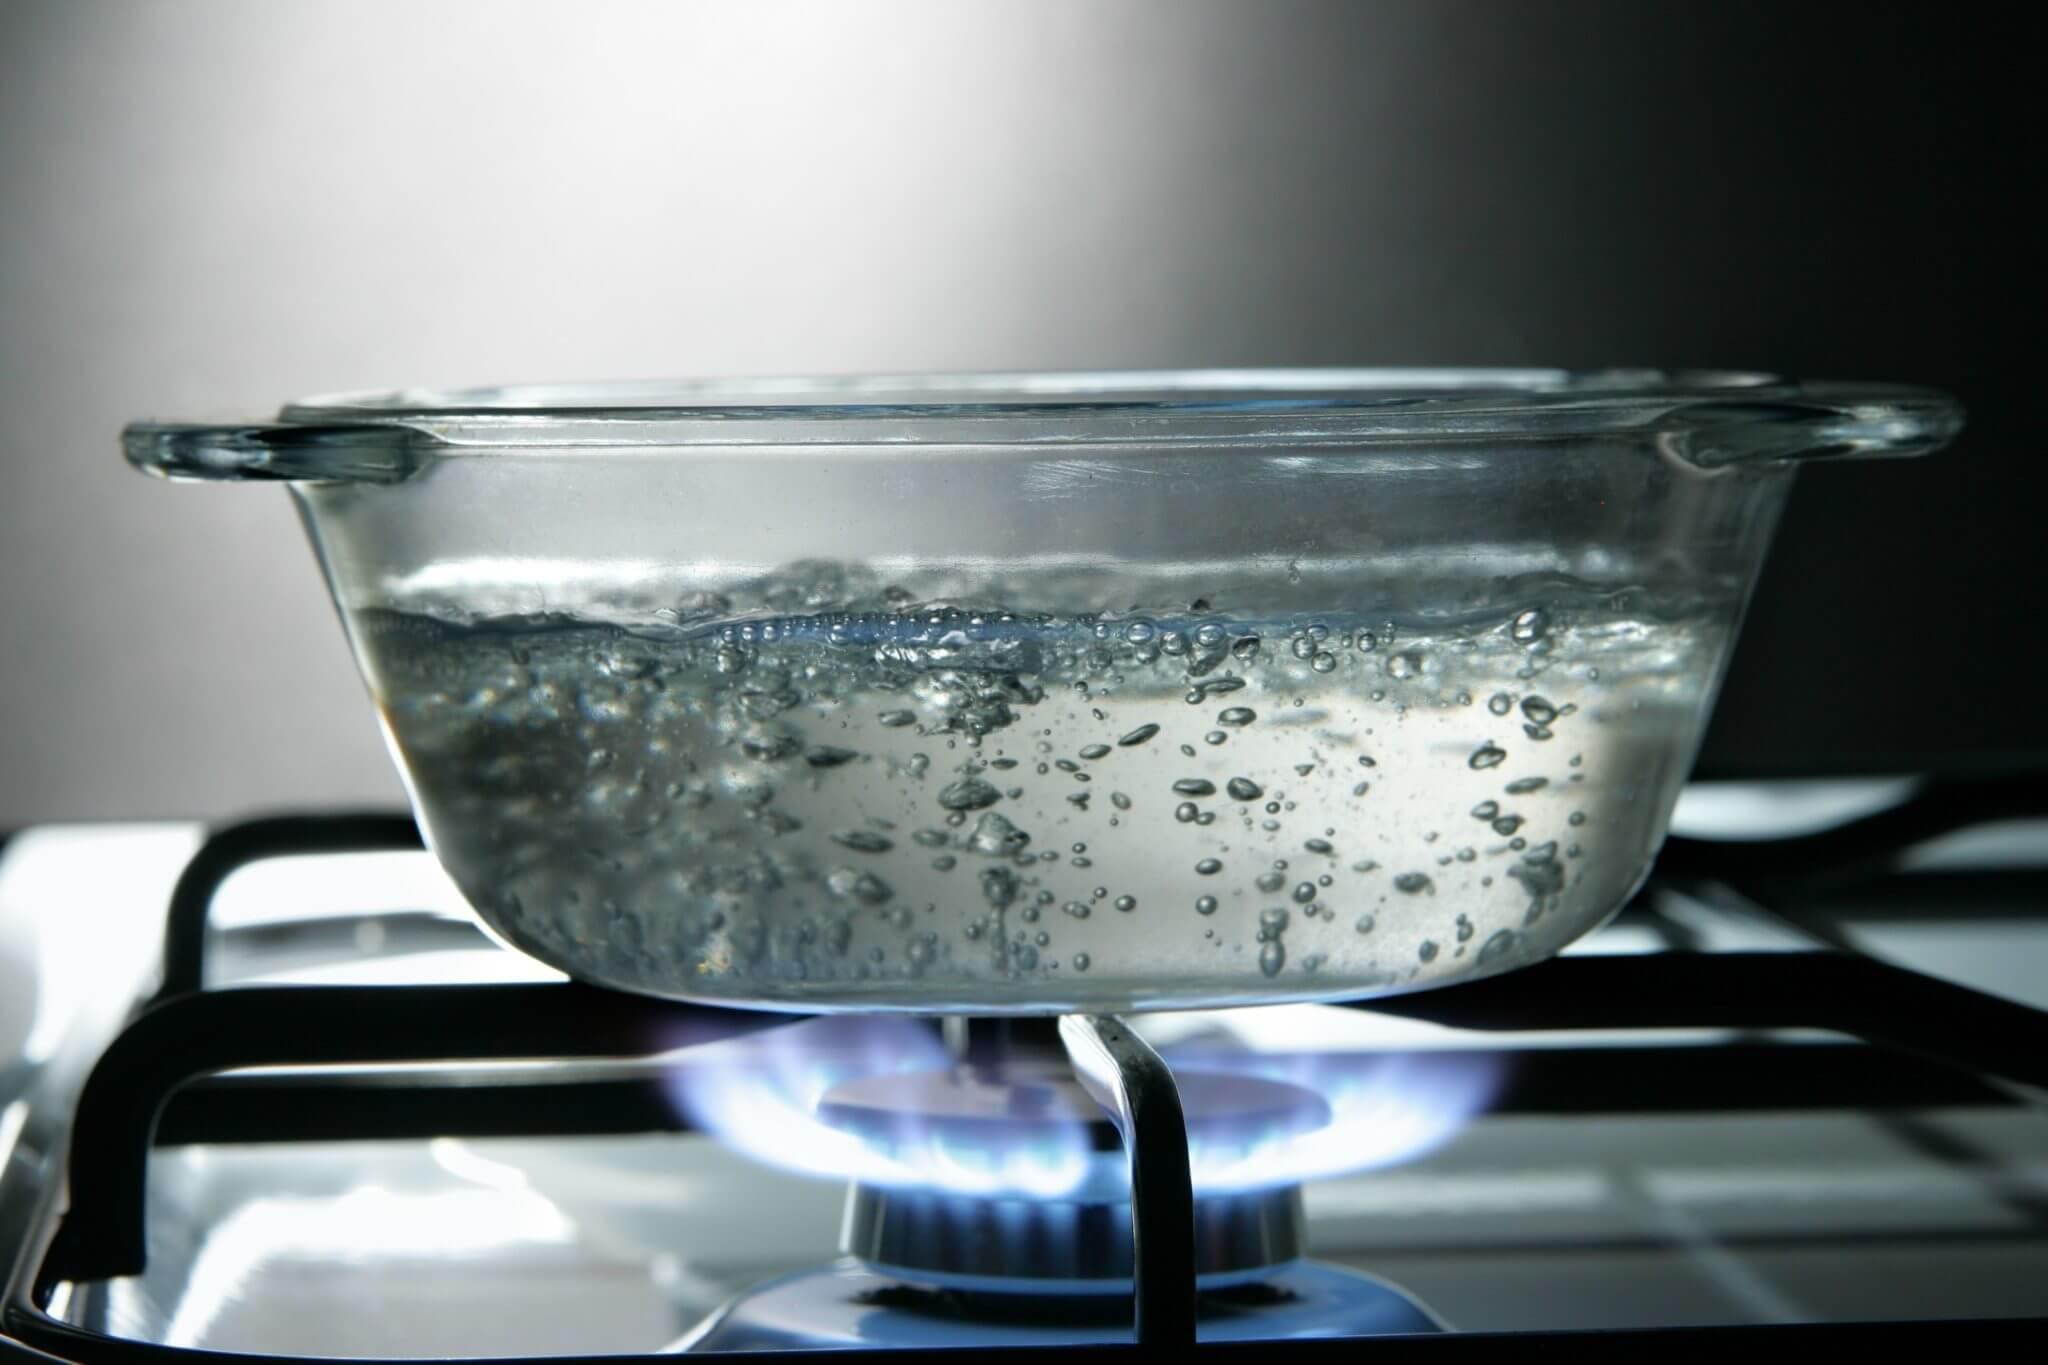 Какая вода более полезна кипяченая или сырая?